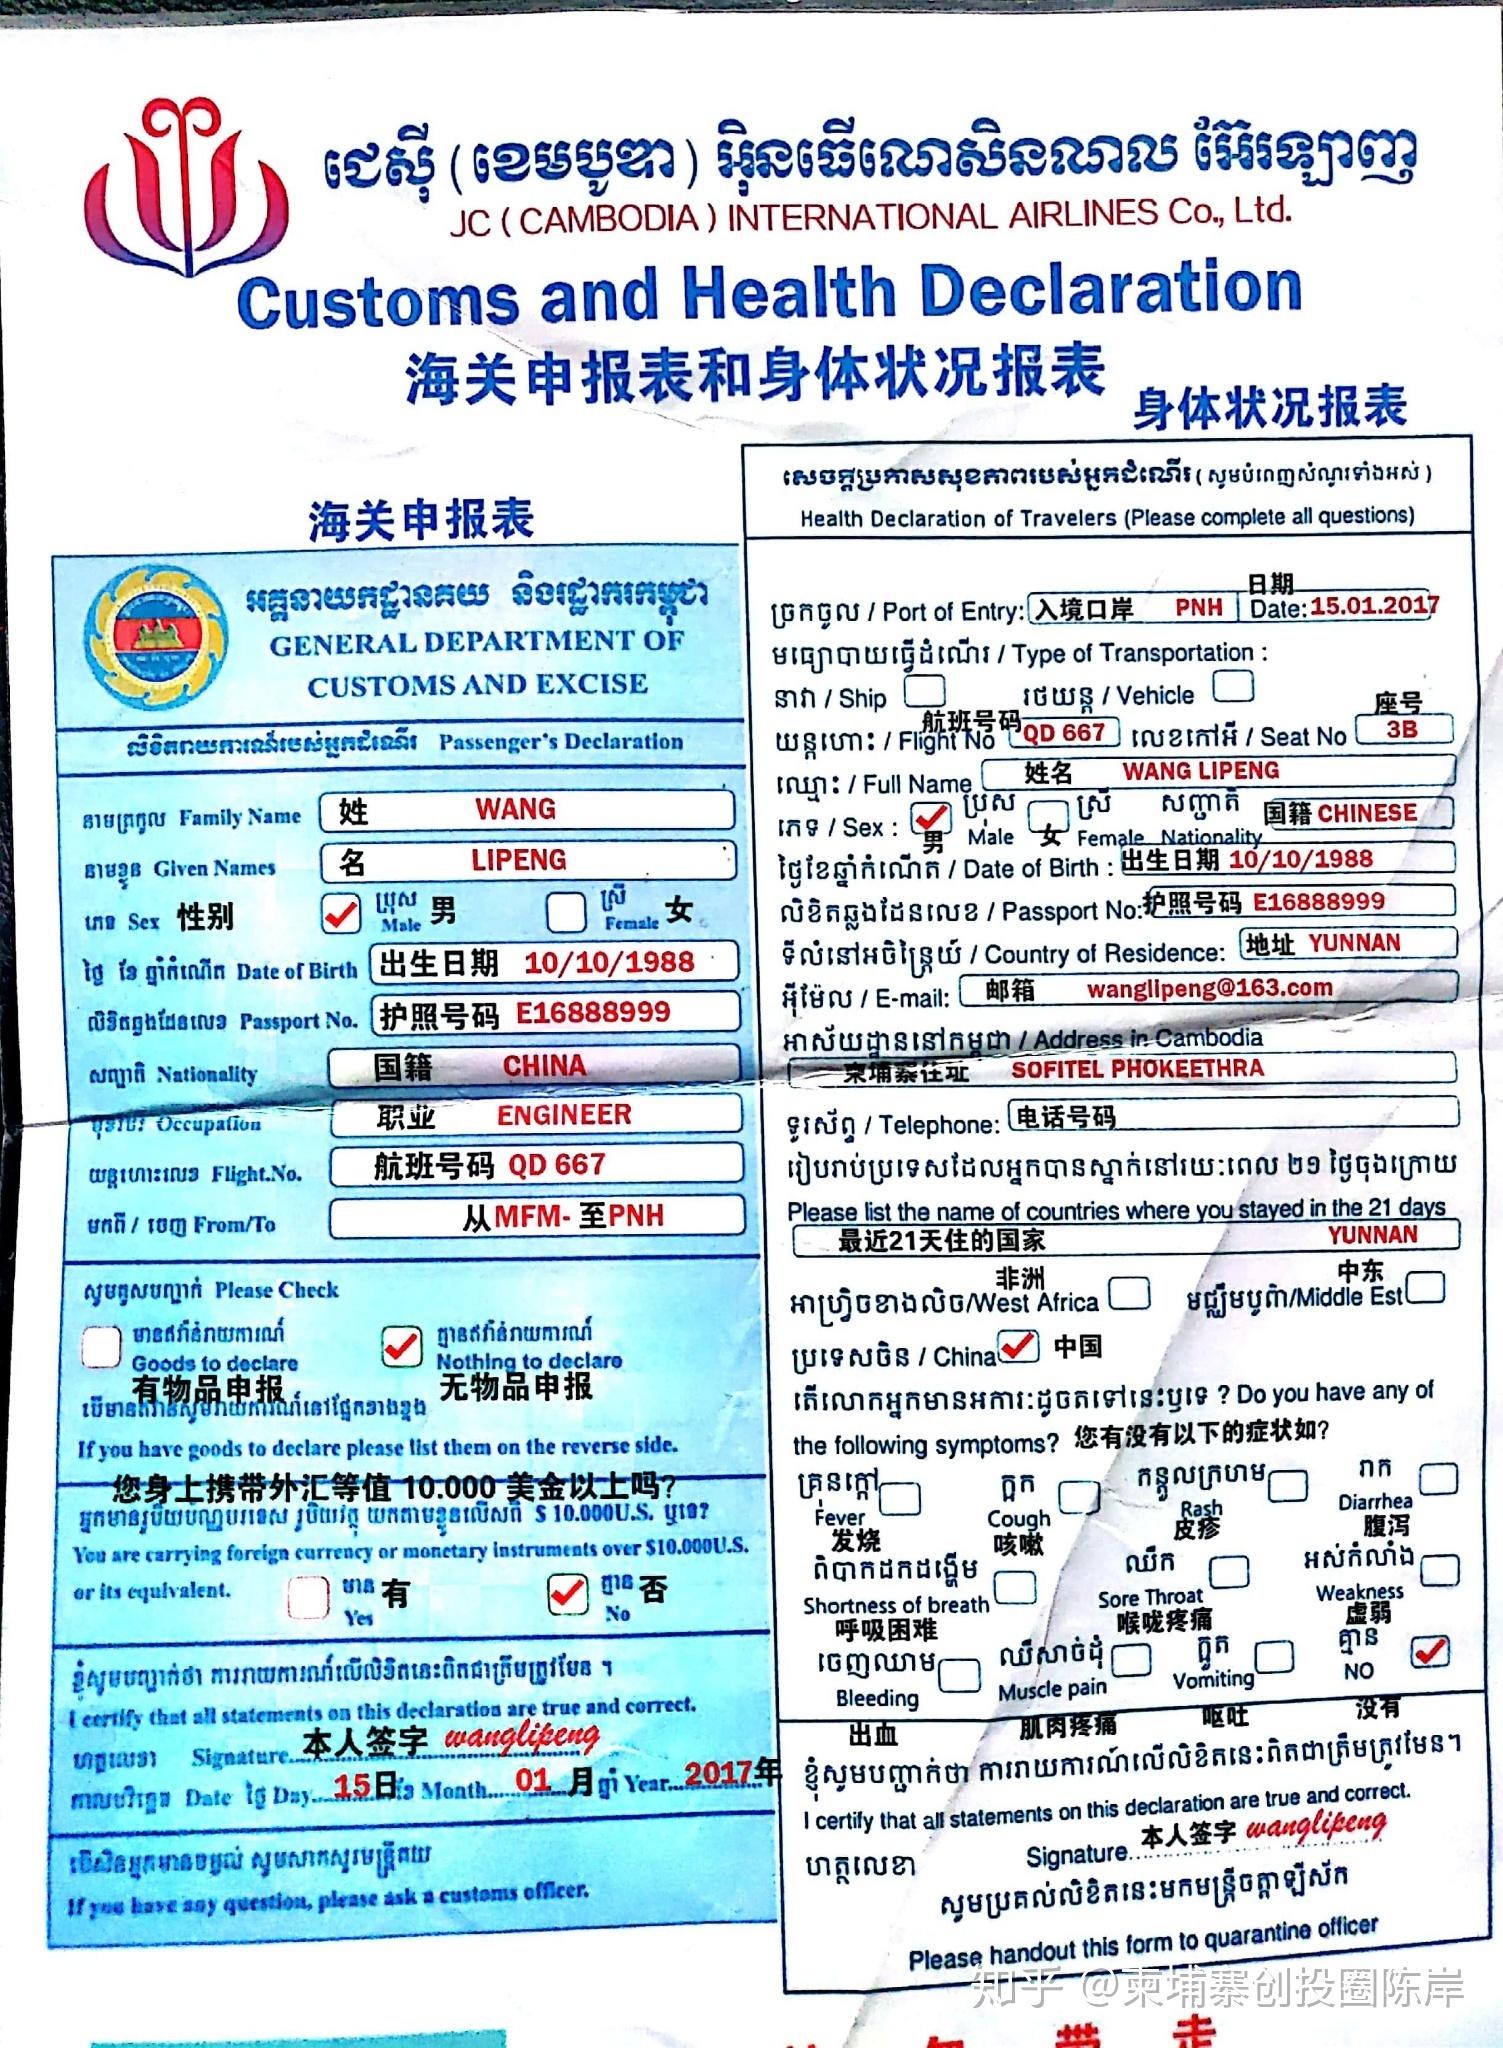 柬埔寨签证怎样签? 第3张图片